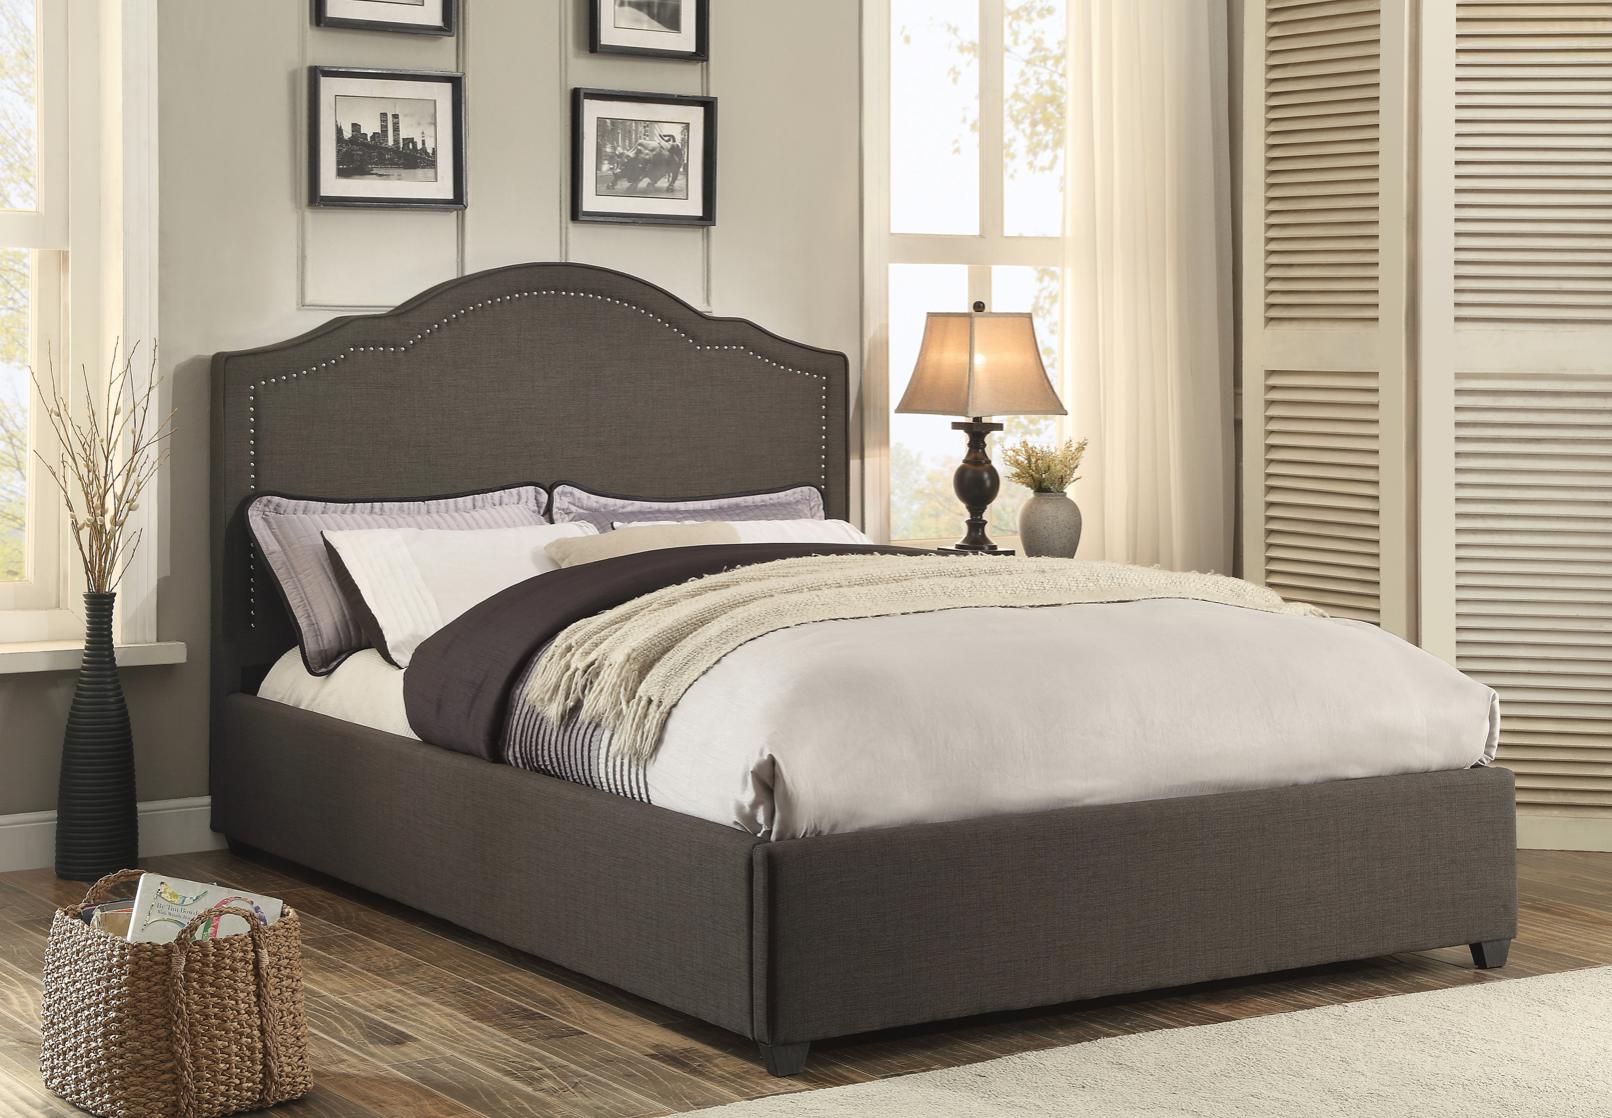 Zaira Bed Upholstered platform bed, Furniture, Bed sizes